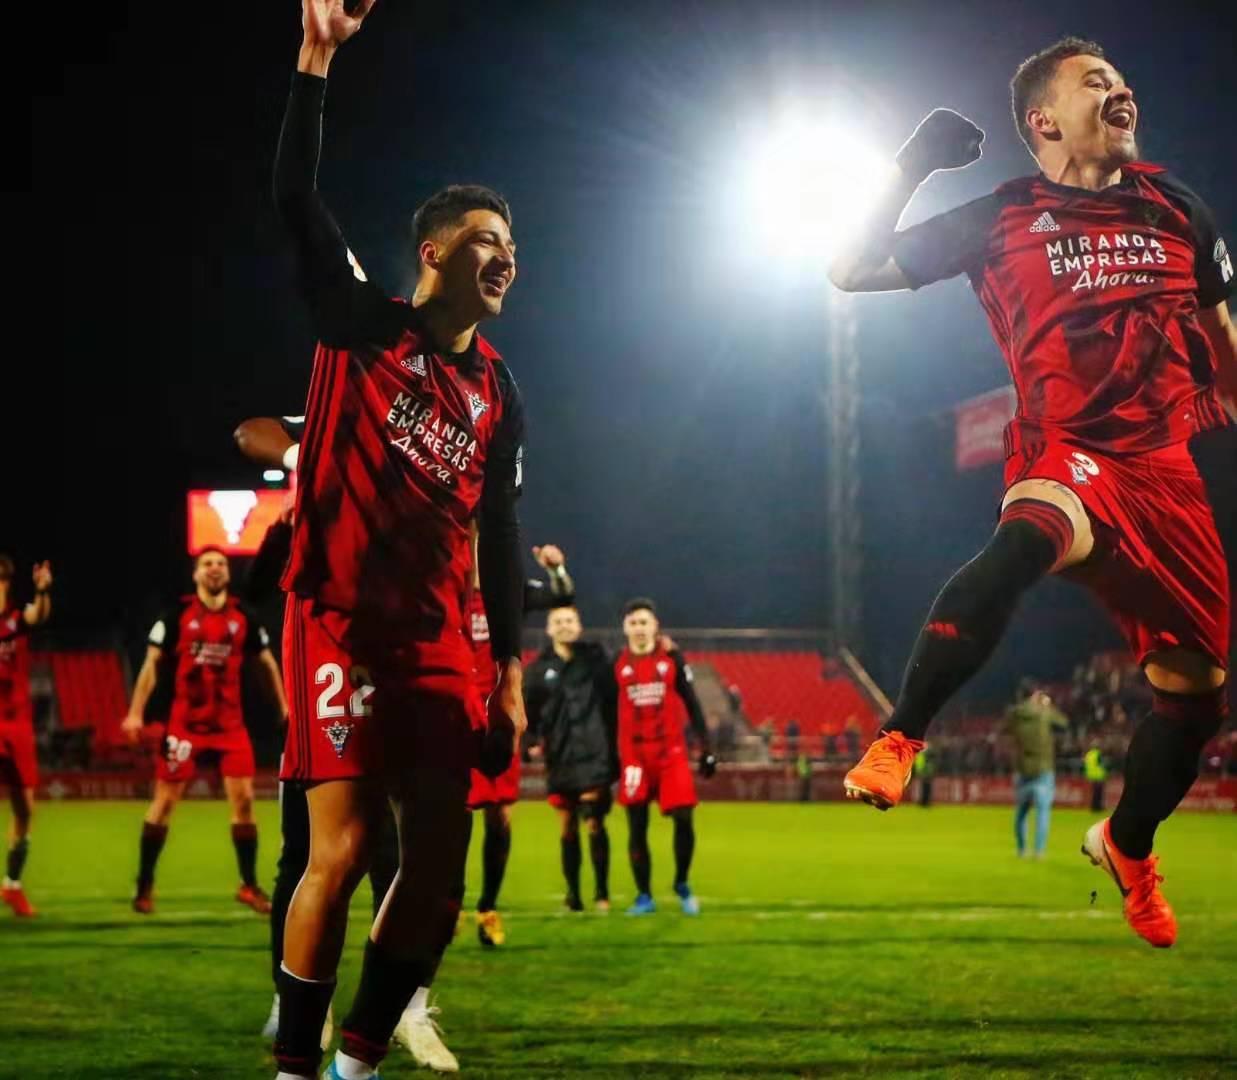 连克塞维黄潜,西乙中游球队米兰德斯杀入国王杯四强